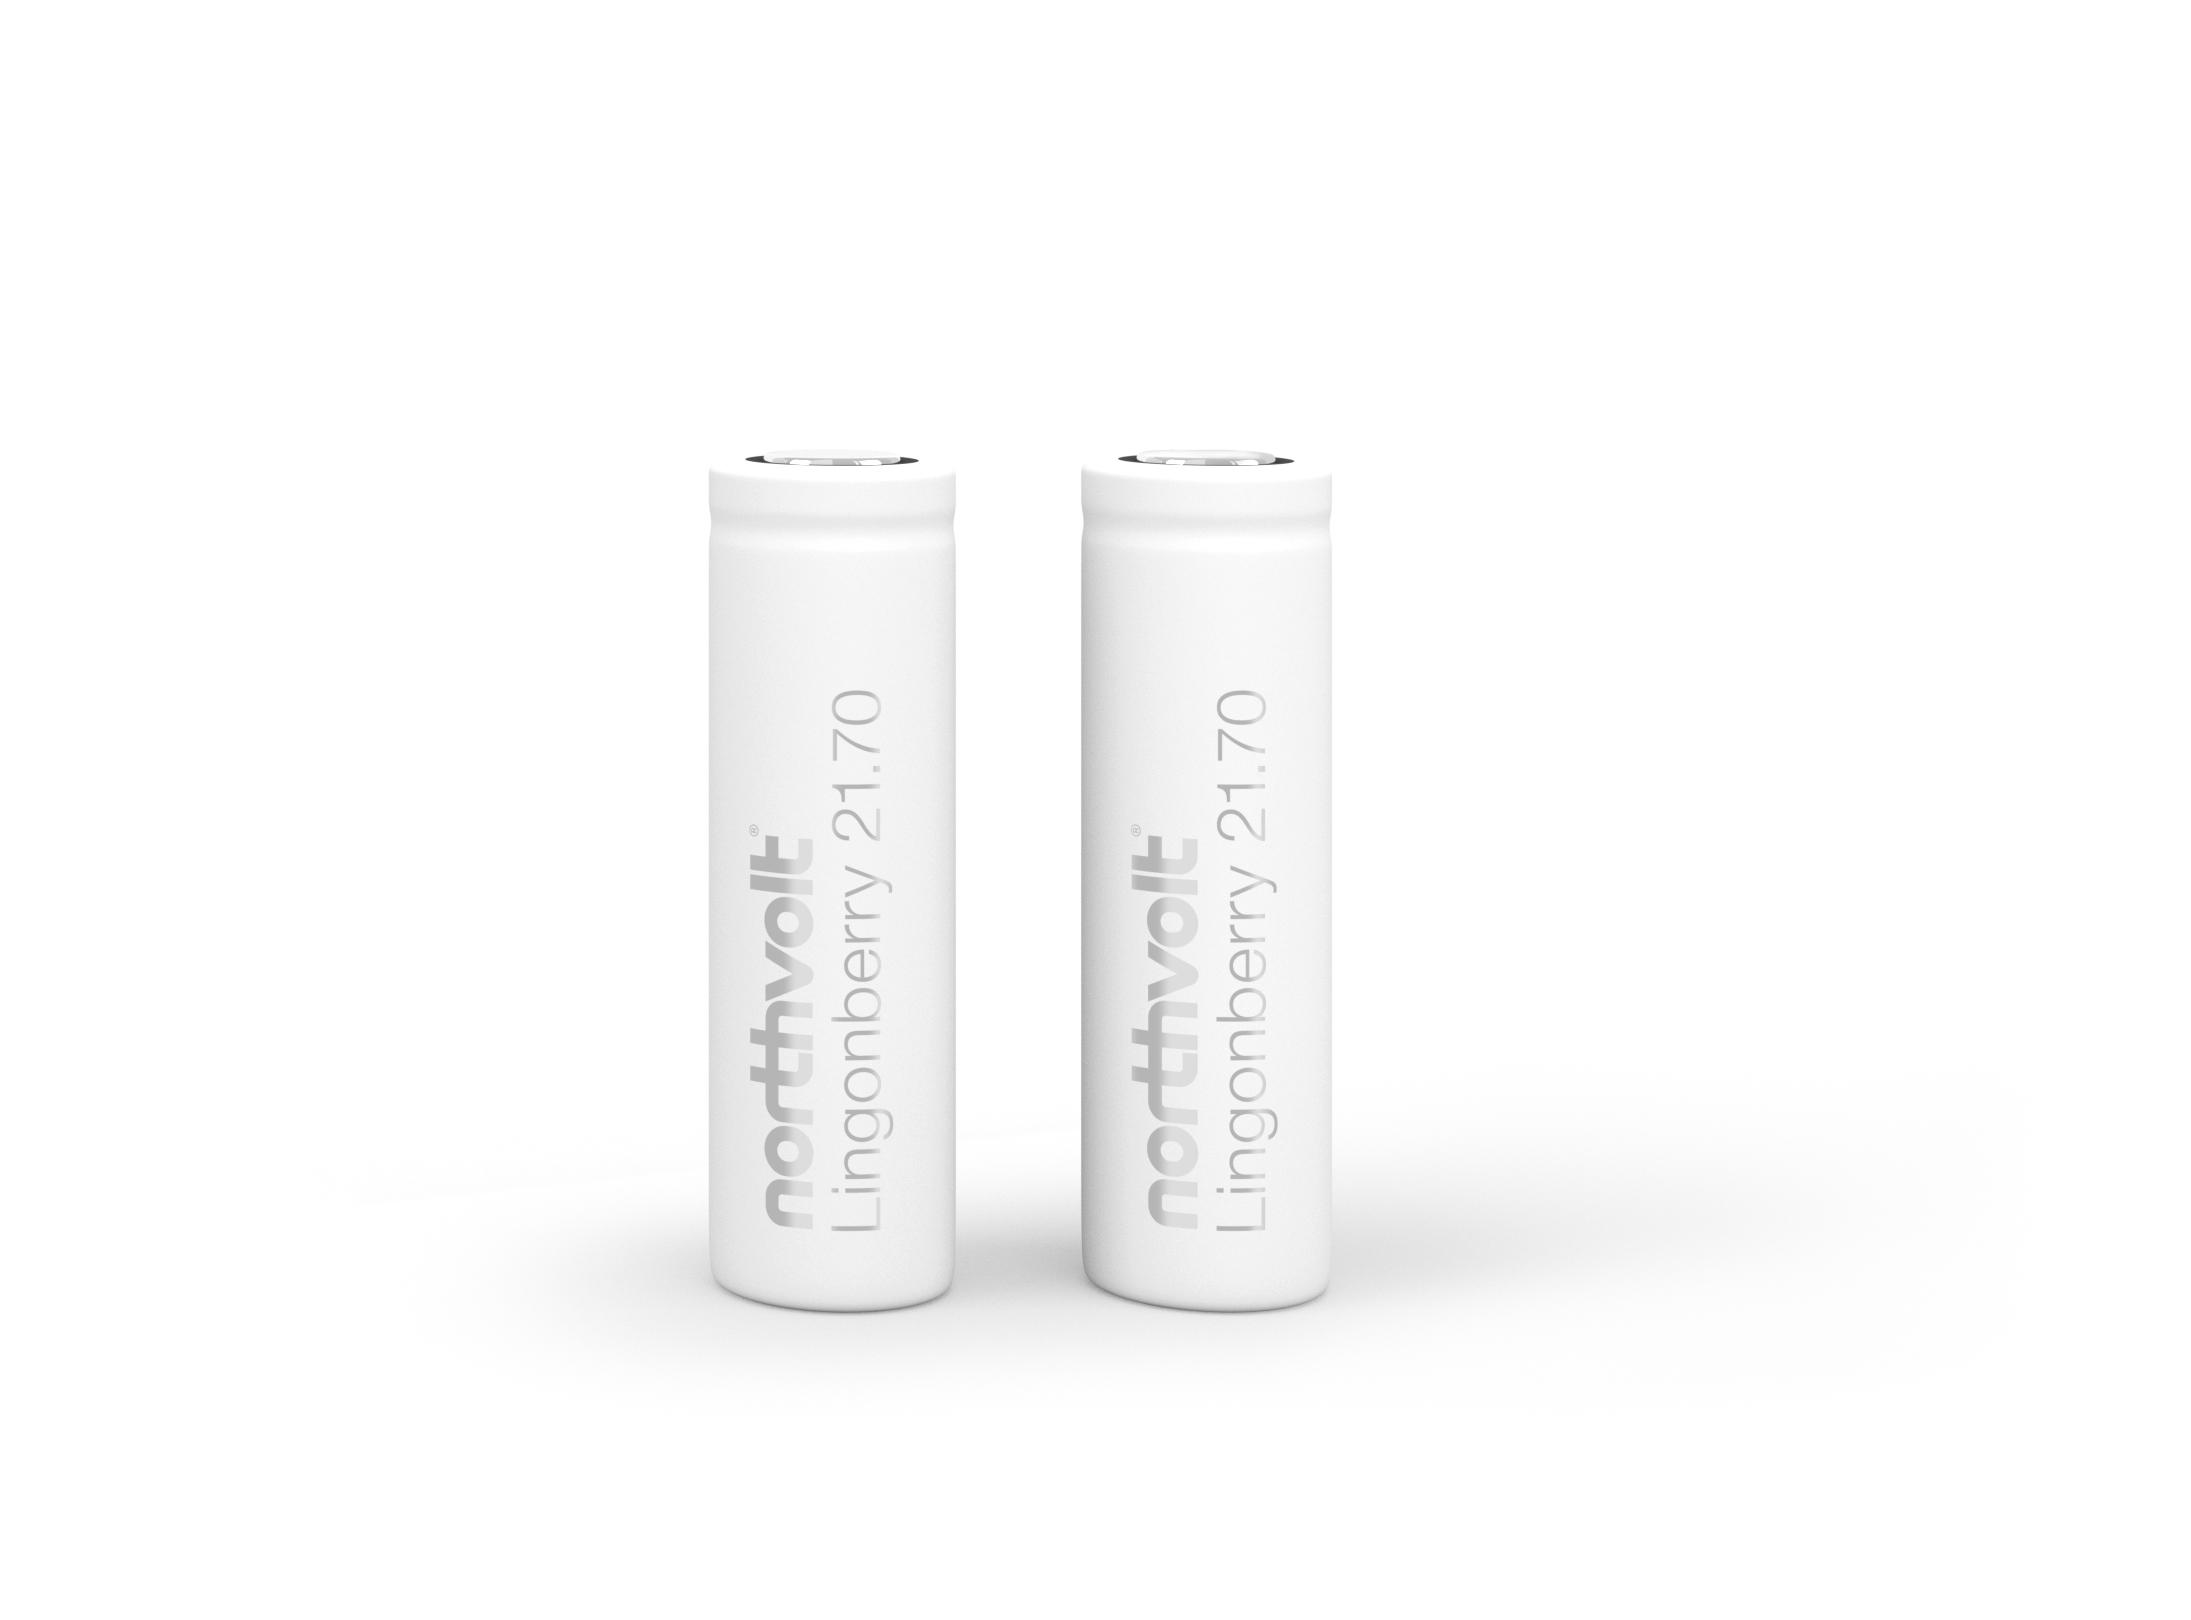 northvolt_batteries_x3_XL_Lingonberry